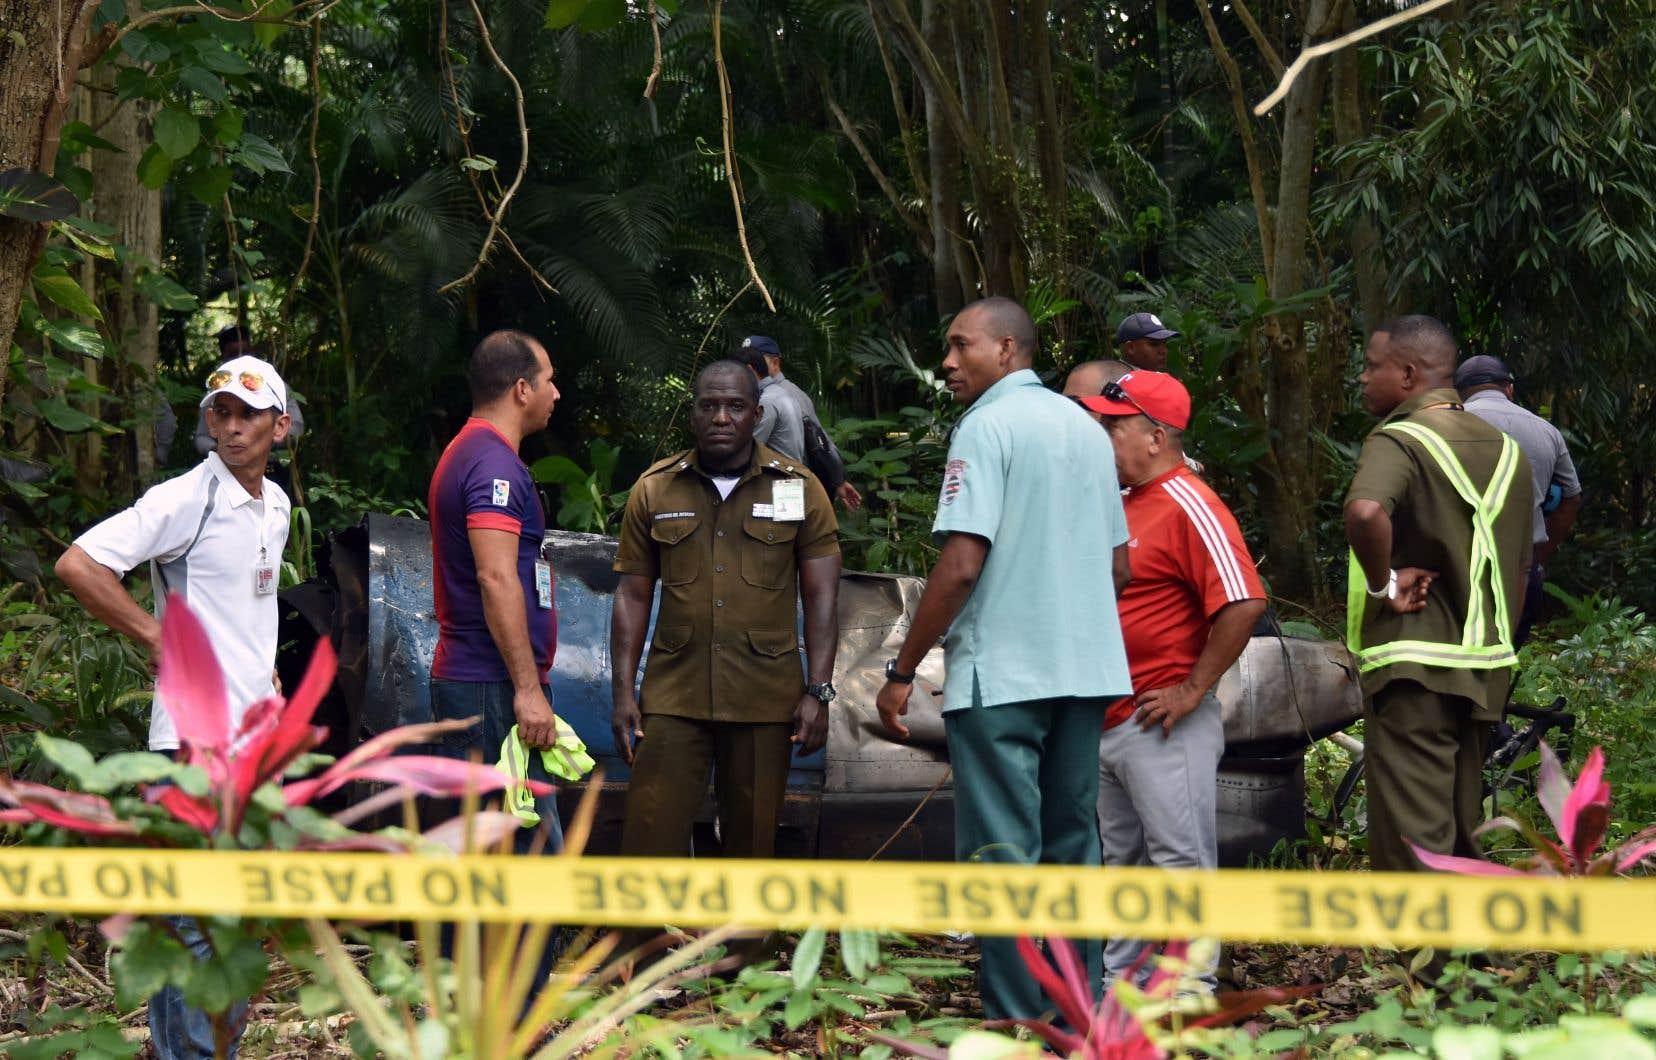 Le Boeing 737-200 s'est écrasé vendredi dans une zone de cultures peu après avoir décollé de l'aéroport international Jose Marti de LaHavane.